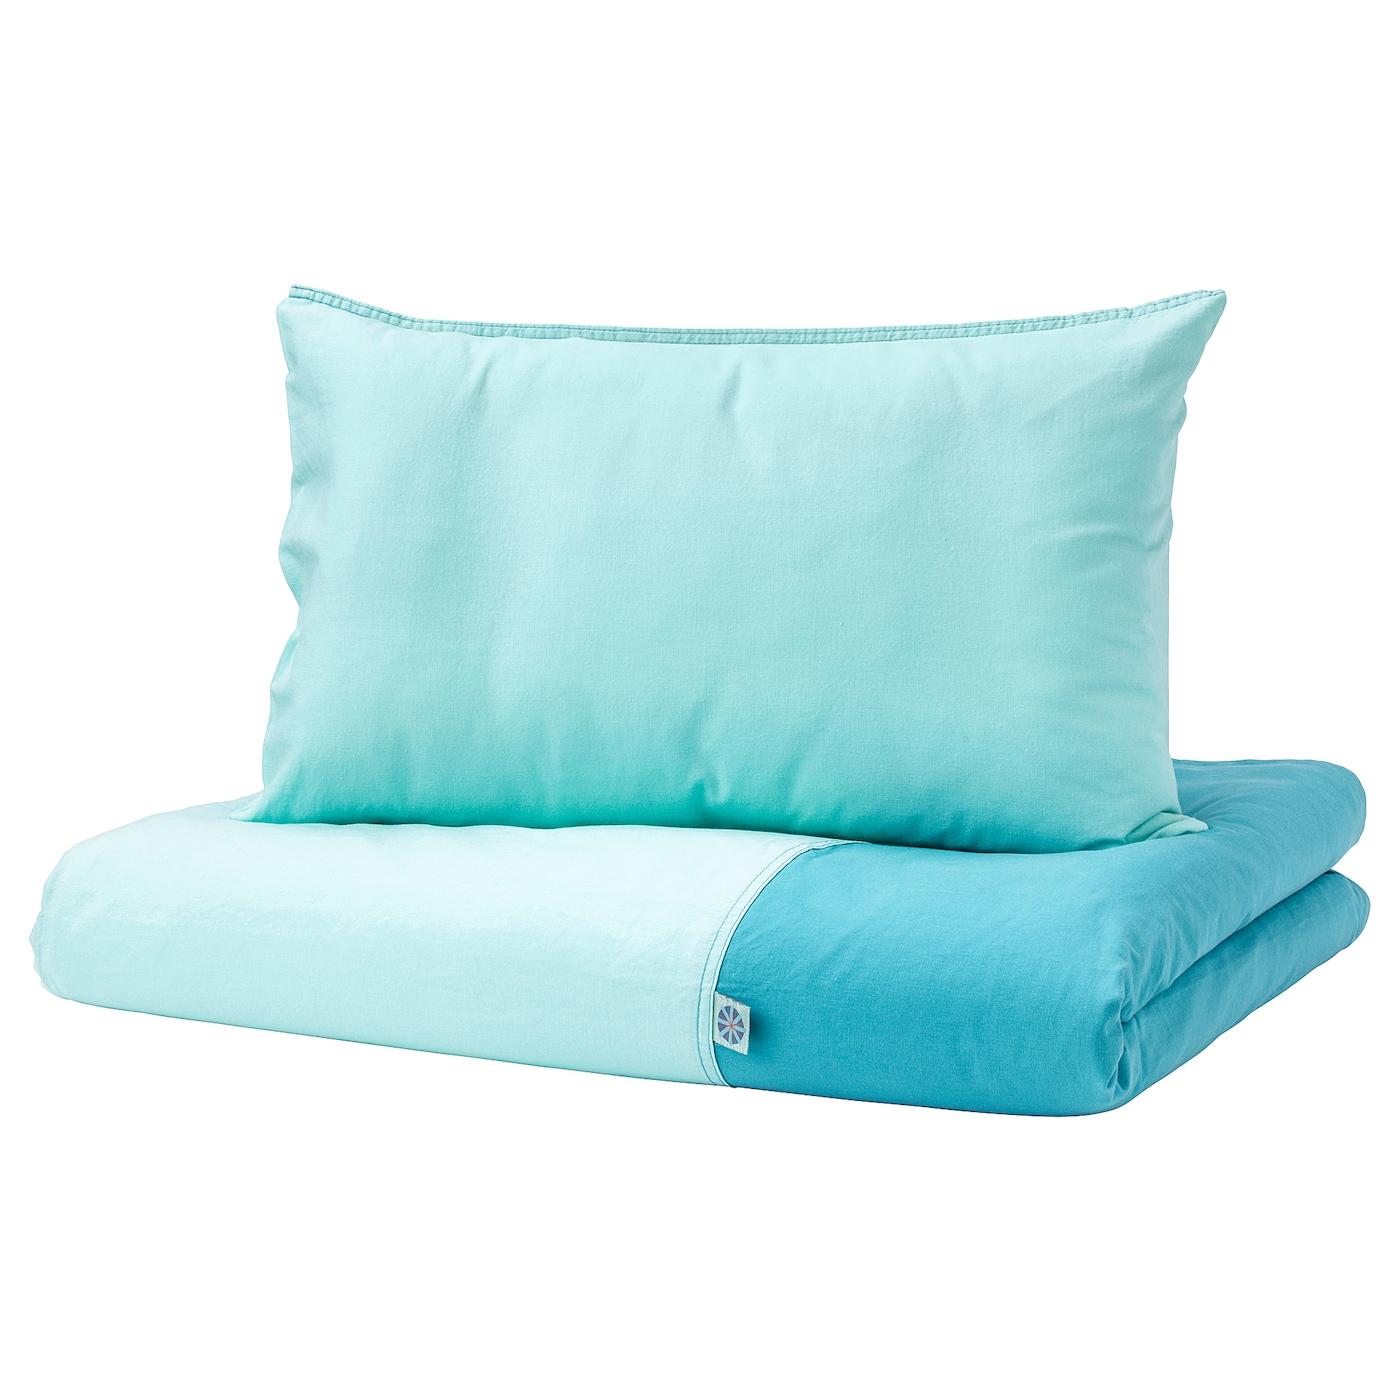 Ropa de cama beb textiles de cuna compra online ikea - Ropa de cama en ikea ...